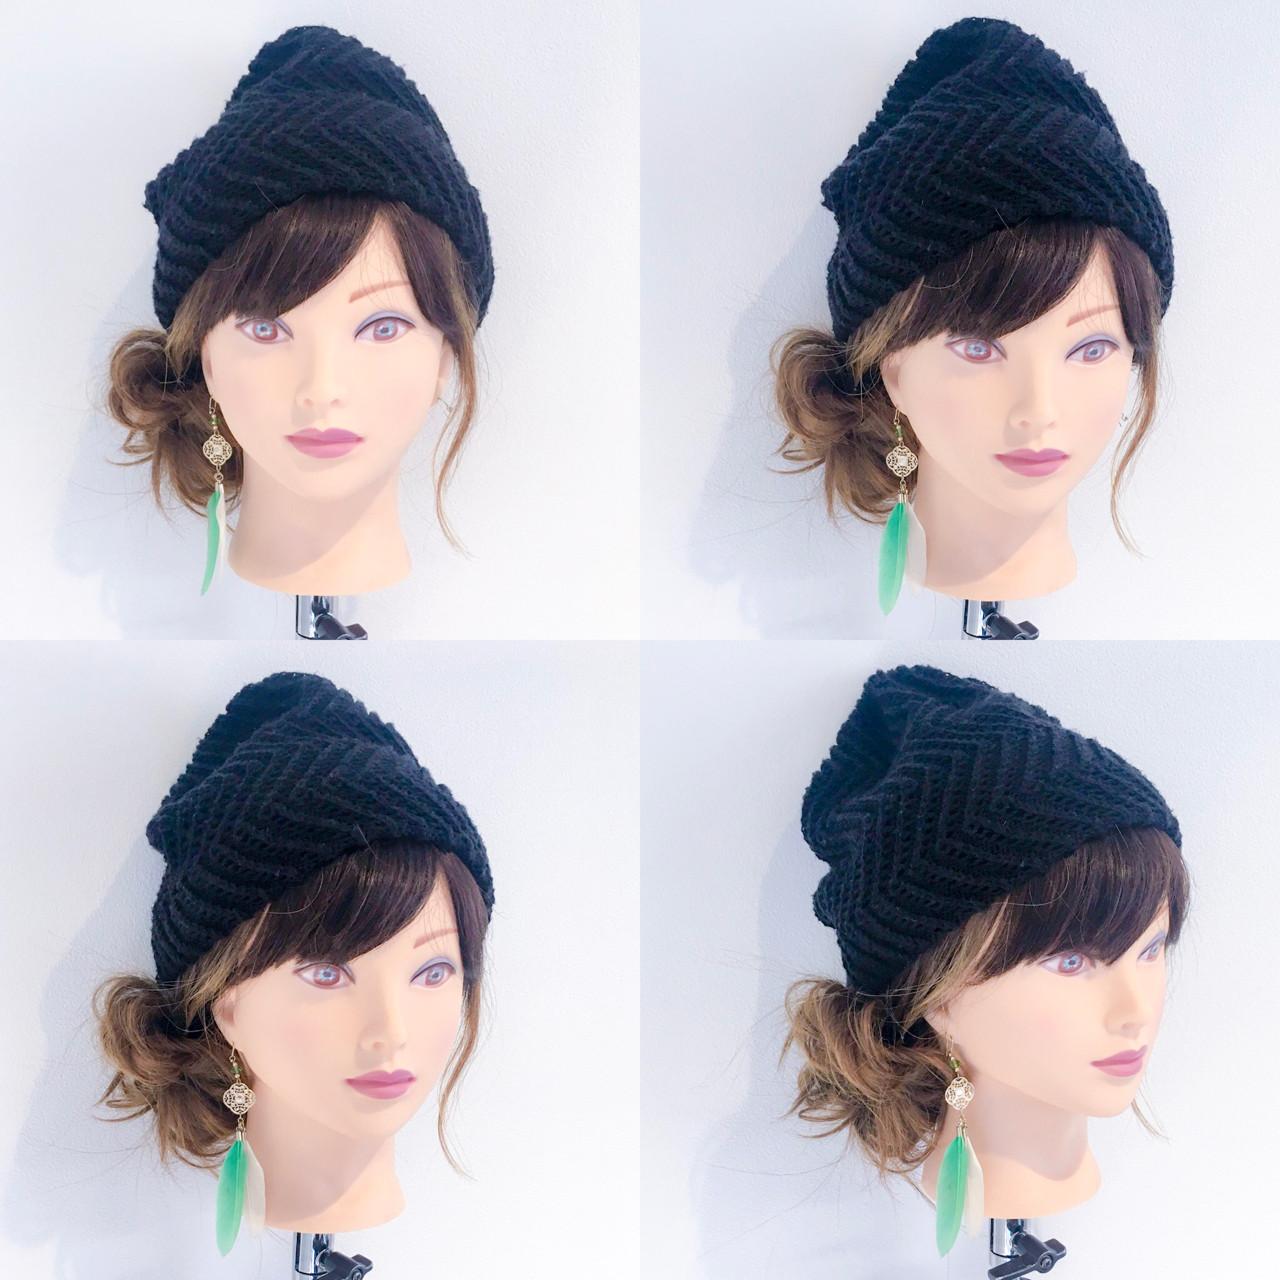 ヘアアレンジ セミロング ナチュラル ニット ヘアスタイルや髪型の写真・画像